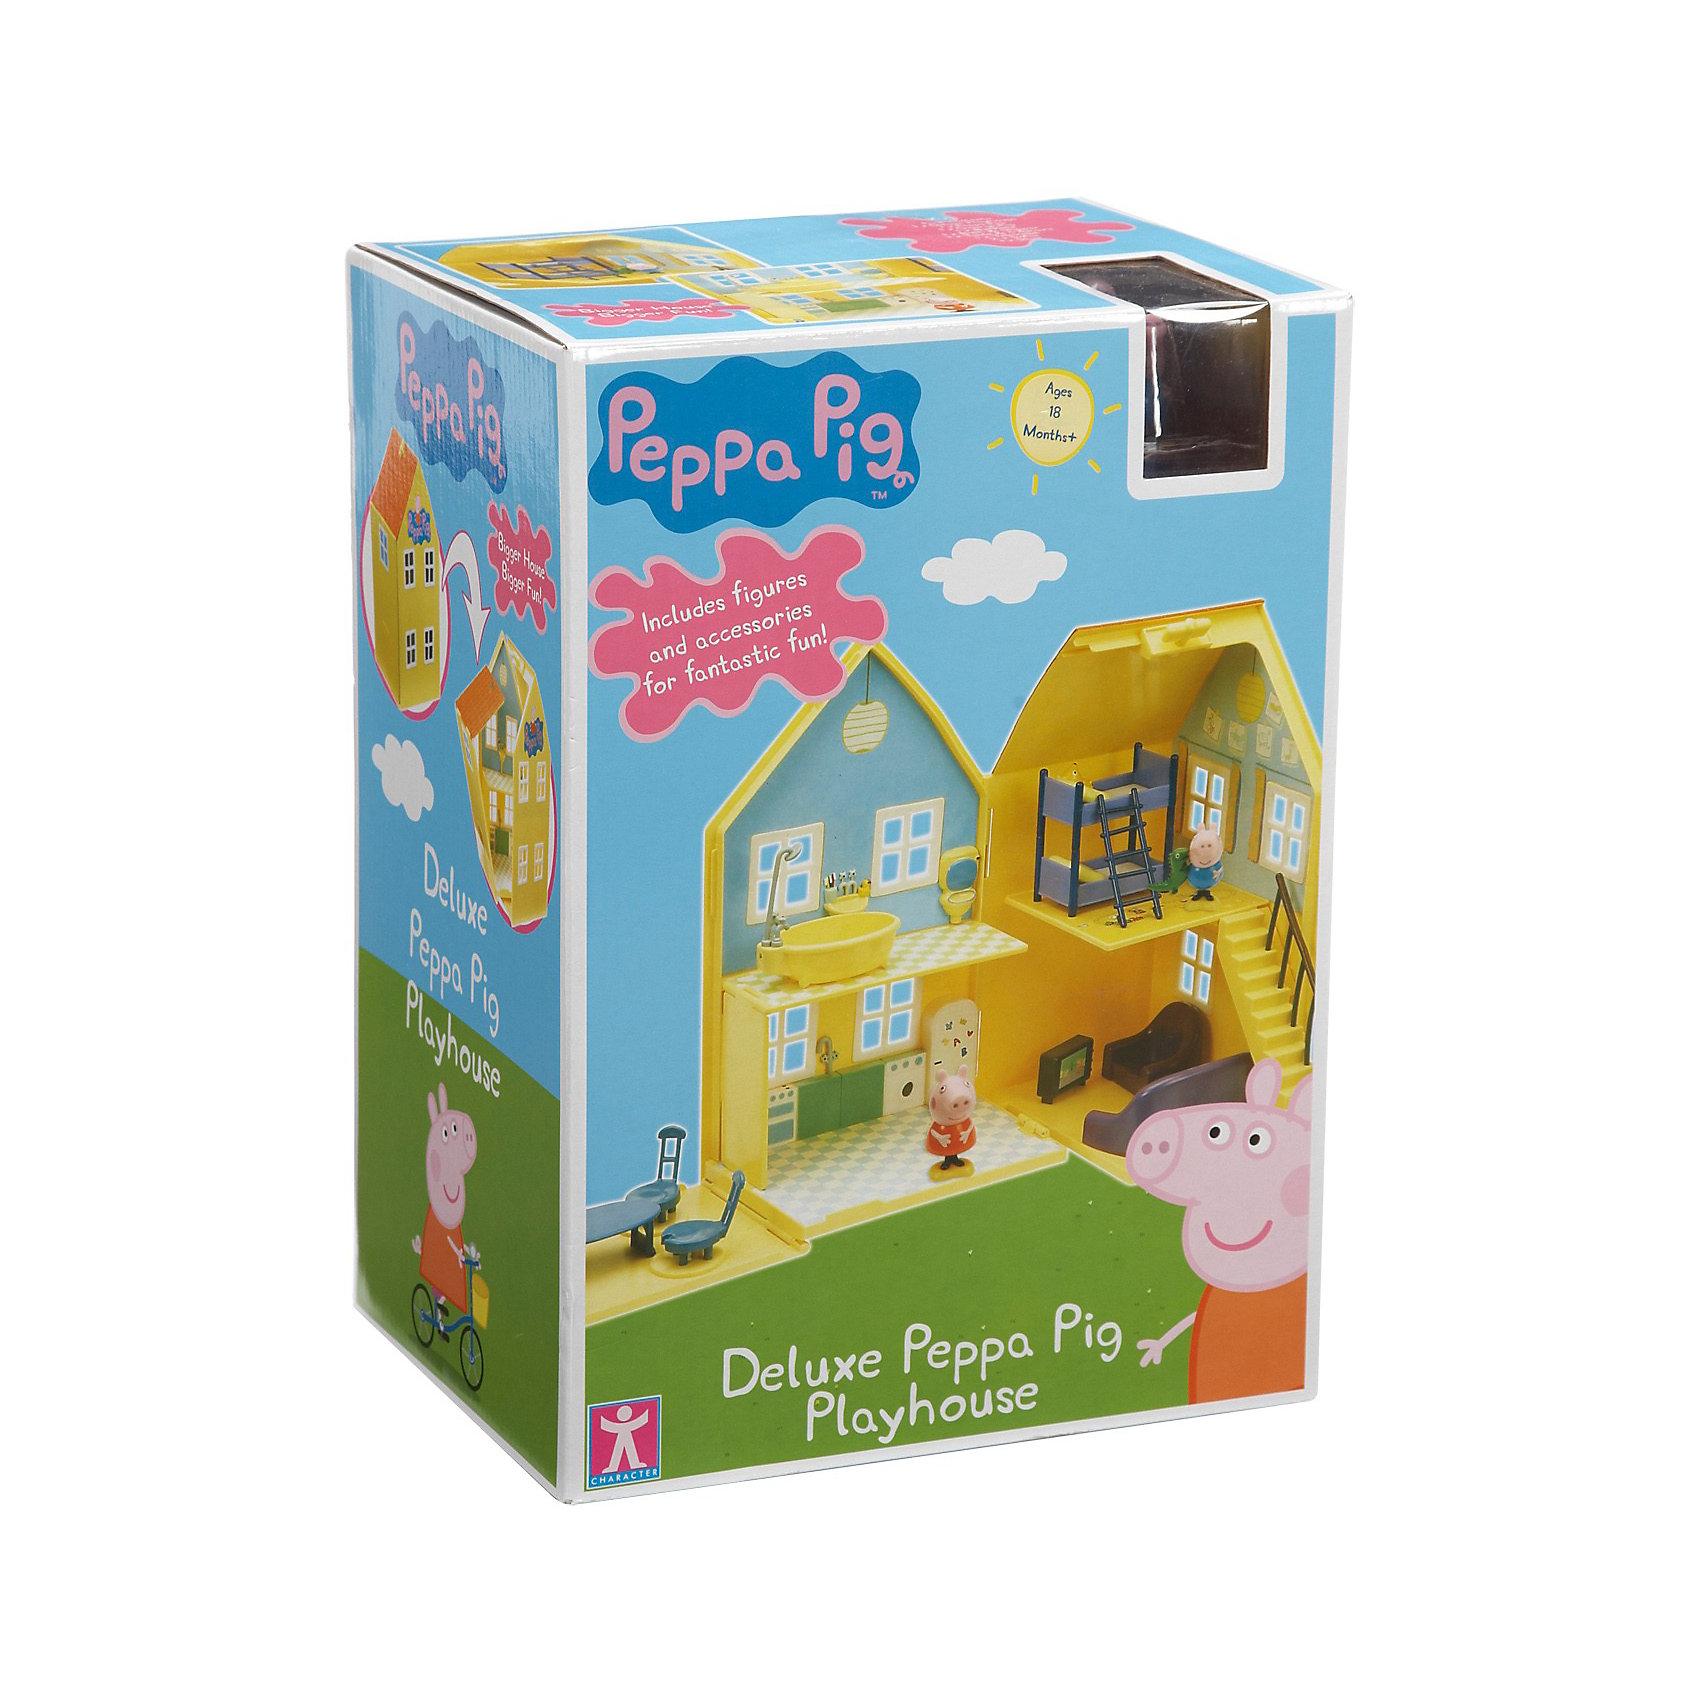 Игровой набор Домик Пеппы, Свинка ПеппаИгрушки<br>Игровой набор Домик Пеппы, Свинка Пеппа<br><br>Коллекция игрушек Peppa Pig создана на основе мультипликационного фильма про веселые приключения Свинки  Пеппы и ее семьи и друзей. <br><br>Дополнительная информация:<br><br>Размер домика в сложенном виде: 18,5 х 14,5 х 31,5 см.<br>Размер домика в развернутом виде: 72,5 х 14,5 х 31,5 см.<br>Размеры упаковки: 18 х 24 х 33,5 см.<br>В наборе: домик раскладывающийся, мебель (кровать, диван, кресло, телевизор, стол, стулья), фигурка Пеппы и Джорджа.<br>Упаковка - коробка с окном.<br><br>Игровой набор Домик Пеппы, Свинка Пеппа можно купить в нашем интернет - магазине.<br><br>Ширина мм: 335<br>Глубина мм: 240<br>Высота мм: 180<br>Вес г: 1270<br>Возраст от месяцев: 36<br>Возраст до месяцев: 72<br>Пол: Женский<br>Возраст: Детский<br>SKU: 3458423